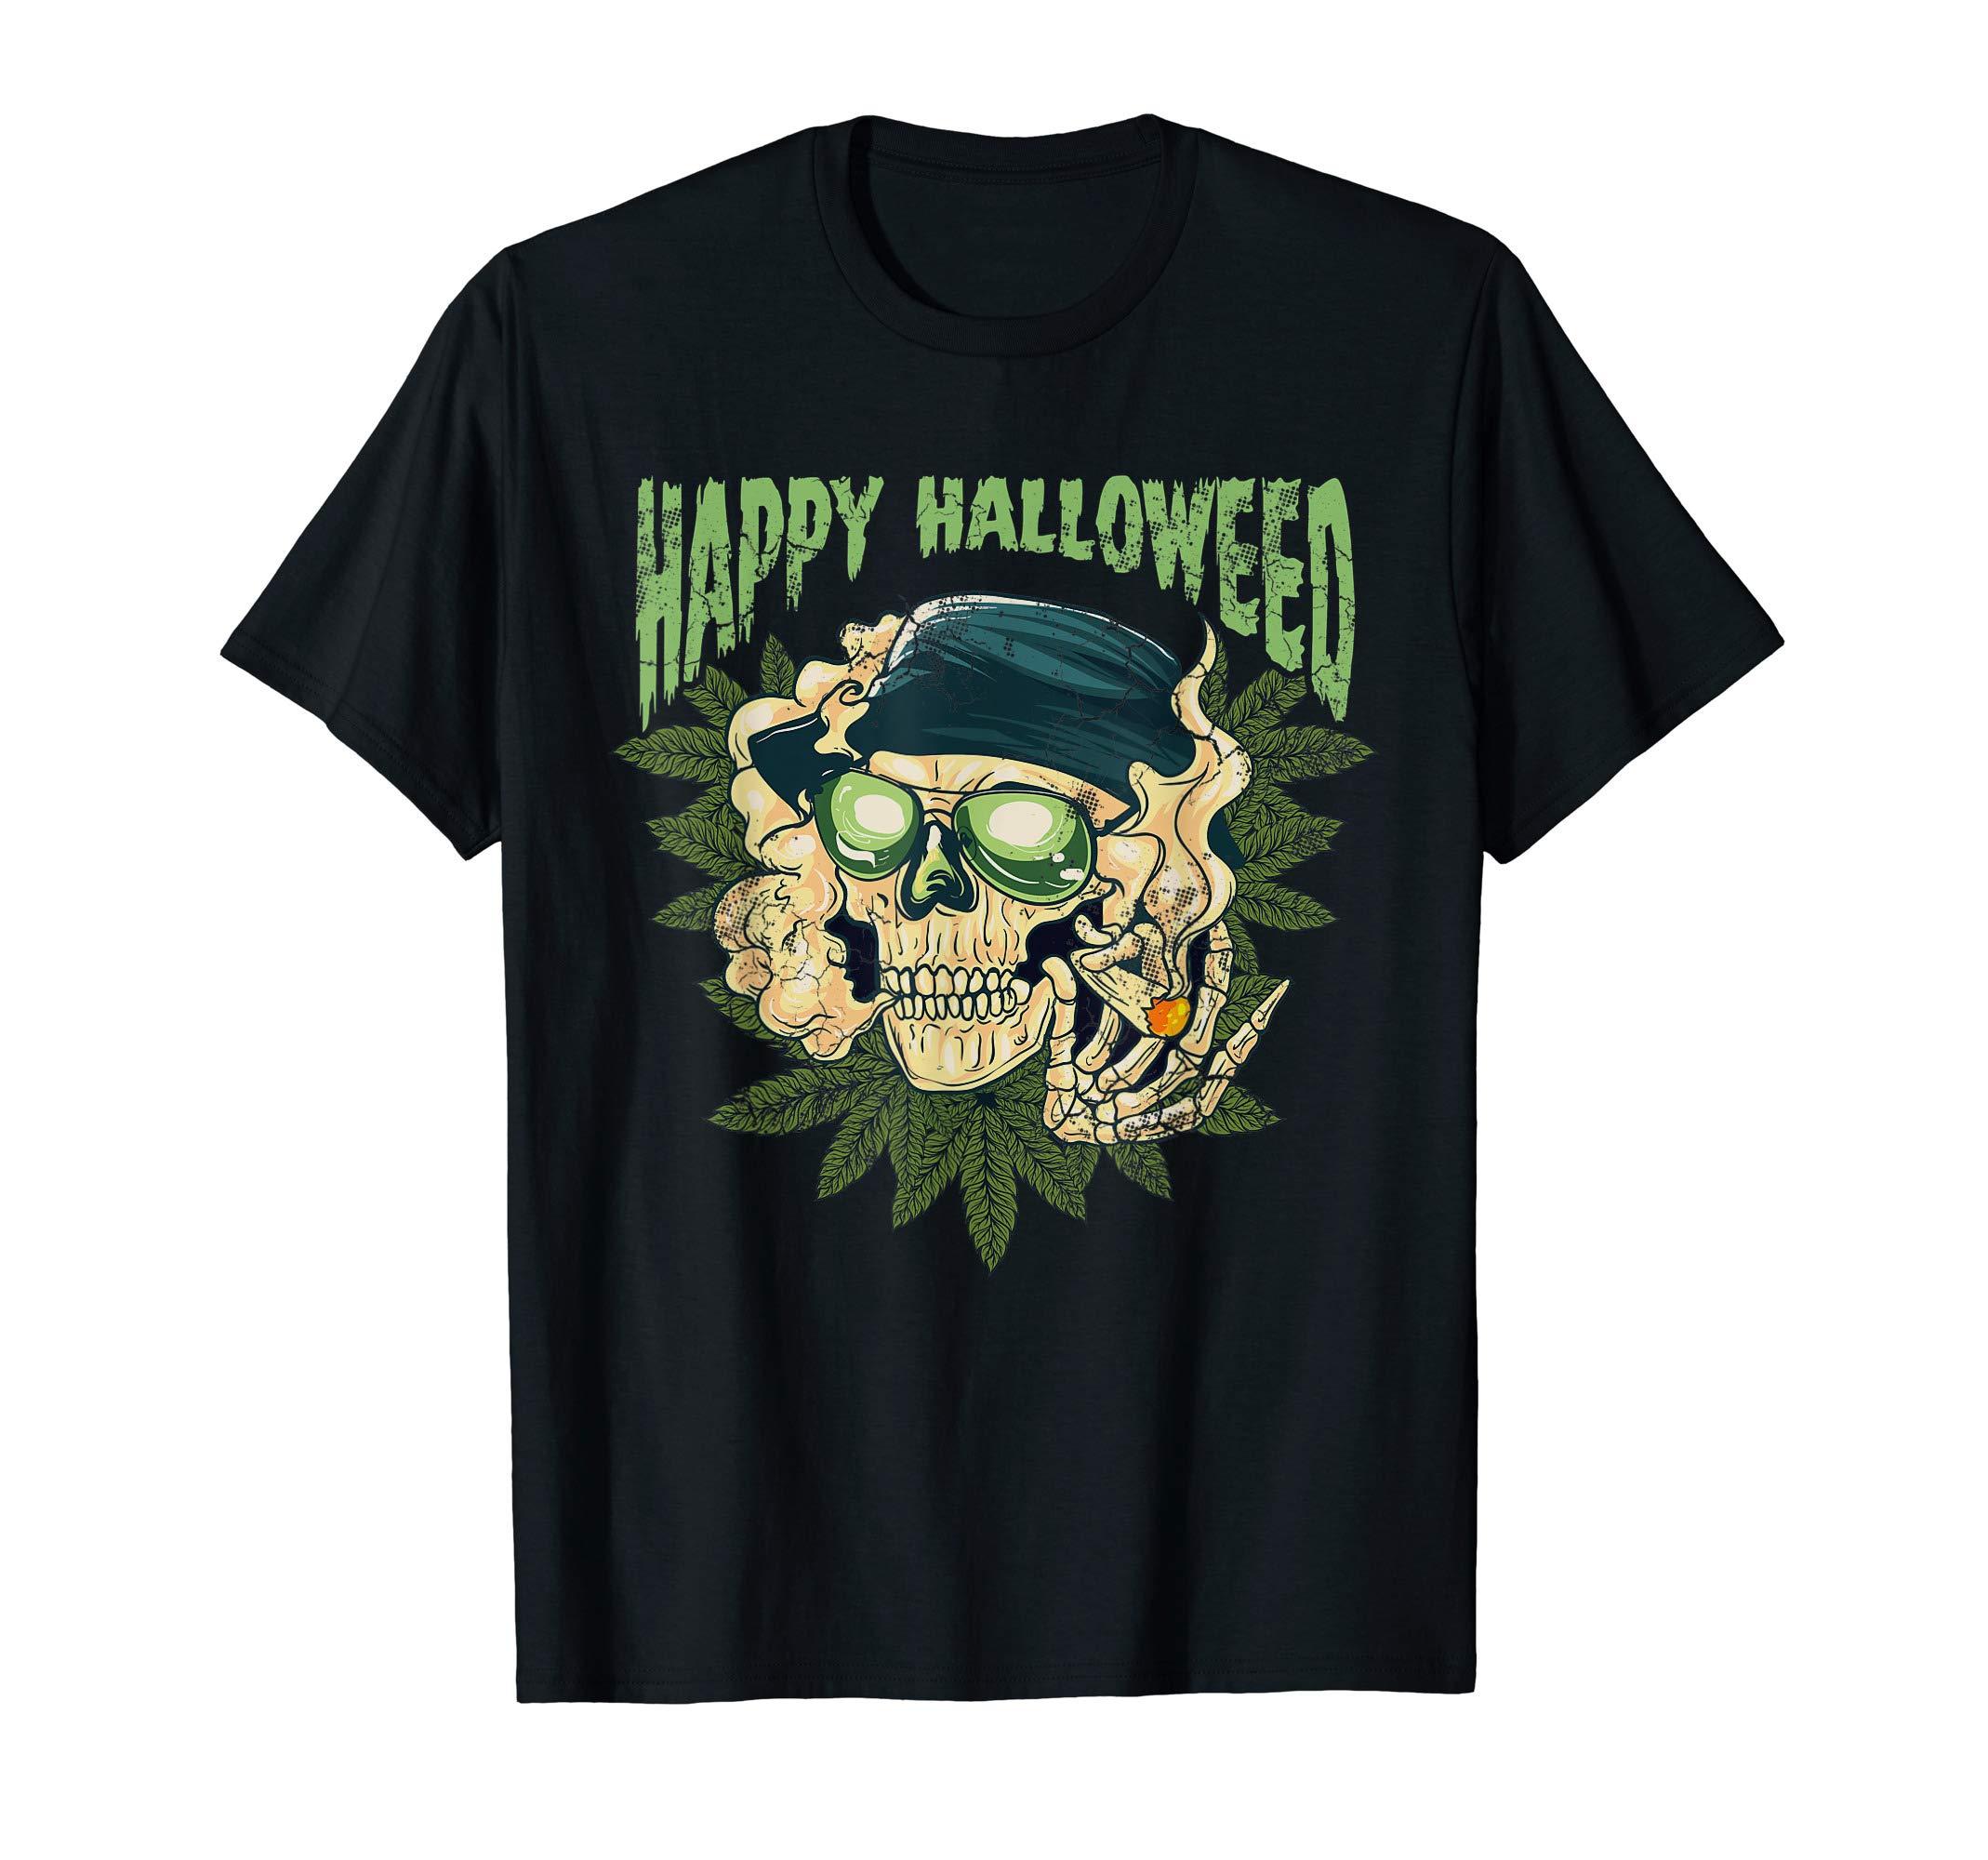 Happy Halloweed Halloween Marijuana Weed Cannabis Pot 420 T-Shirt